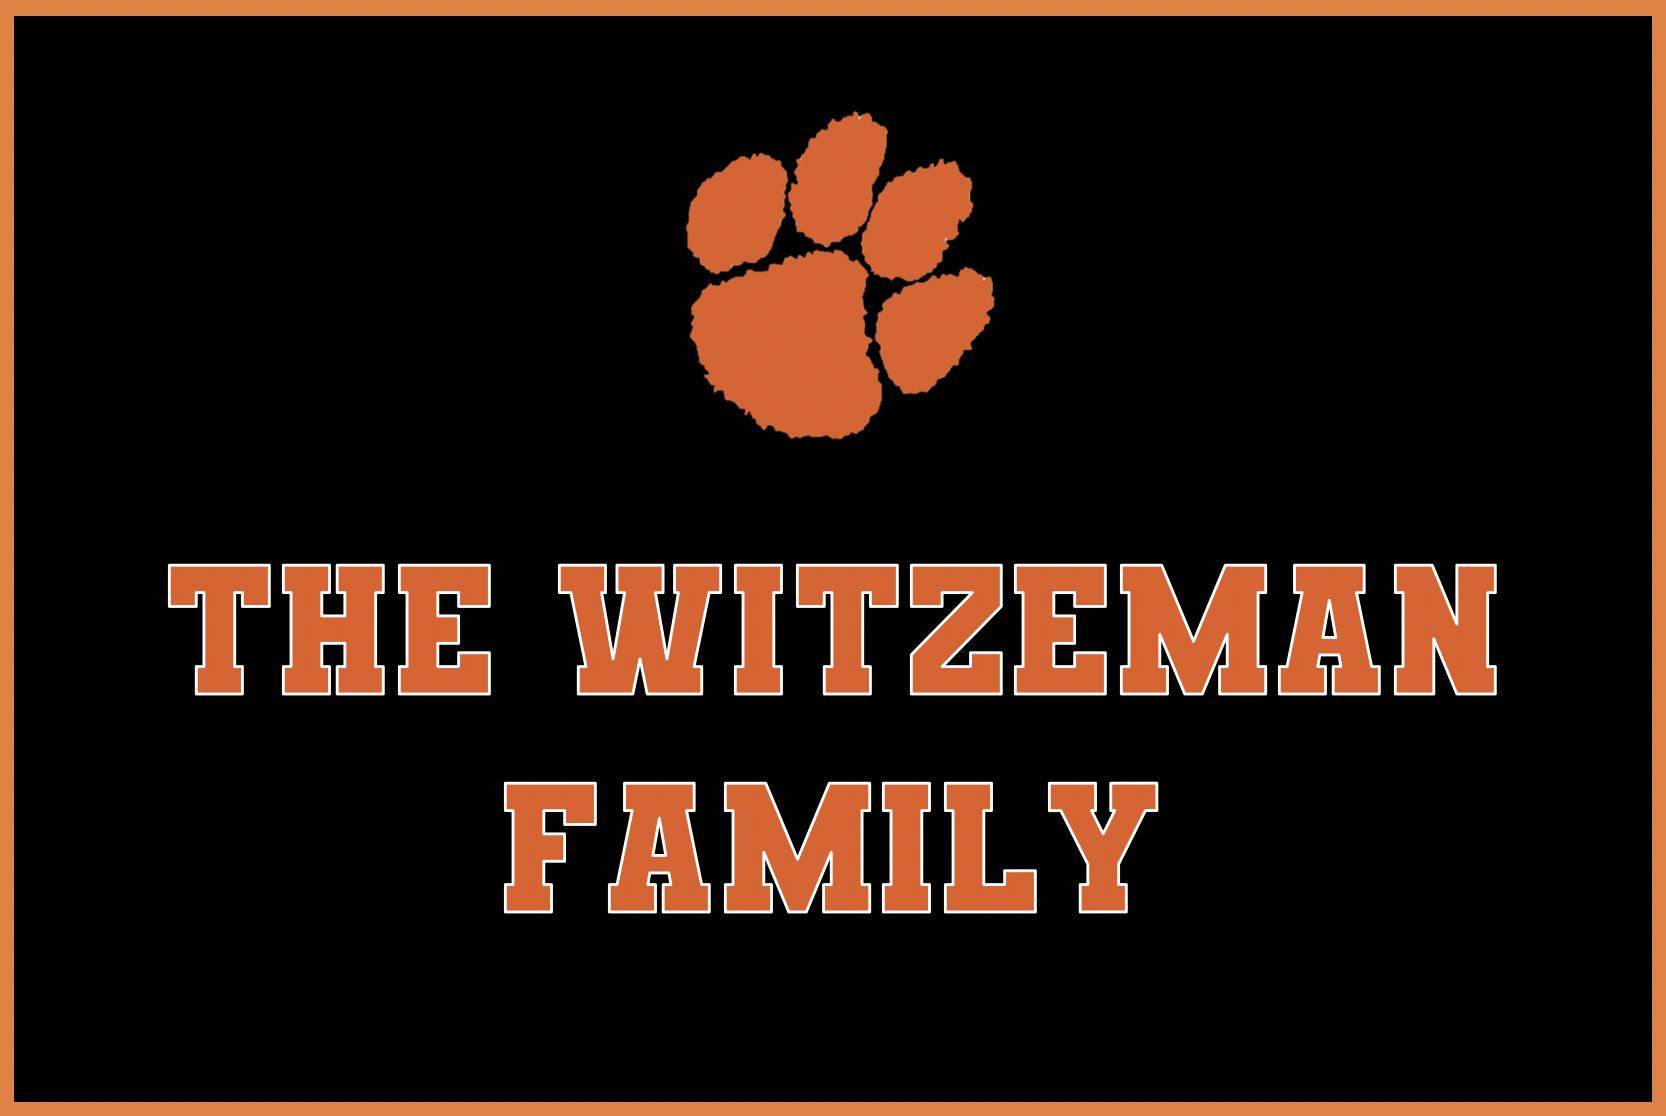 The Witzeman Family